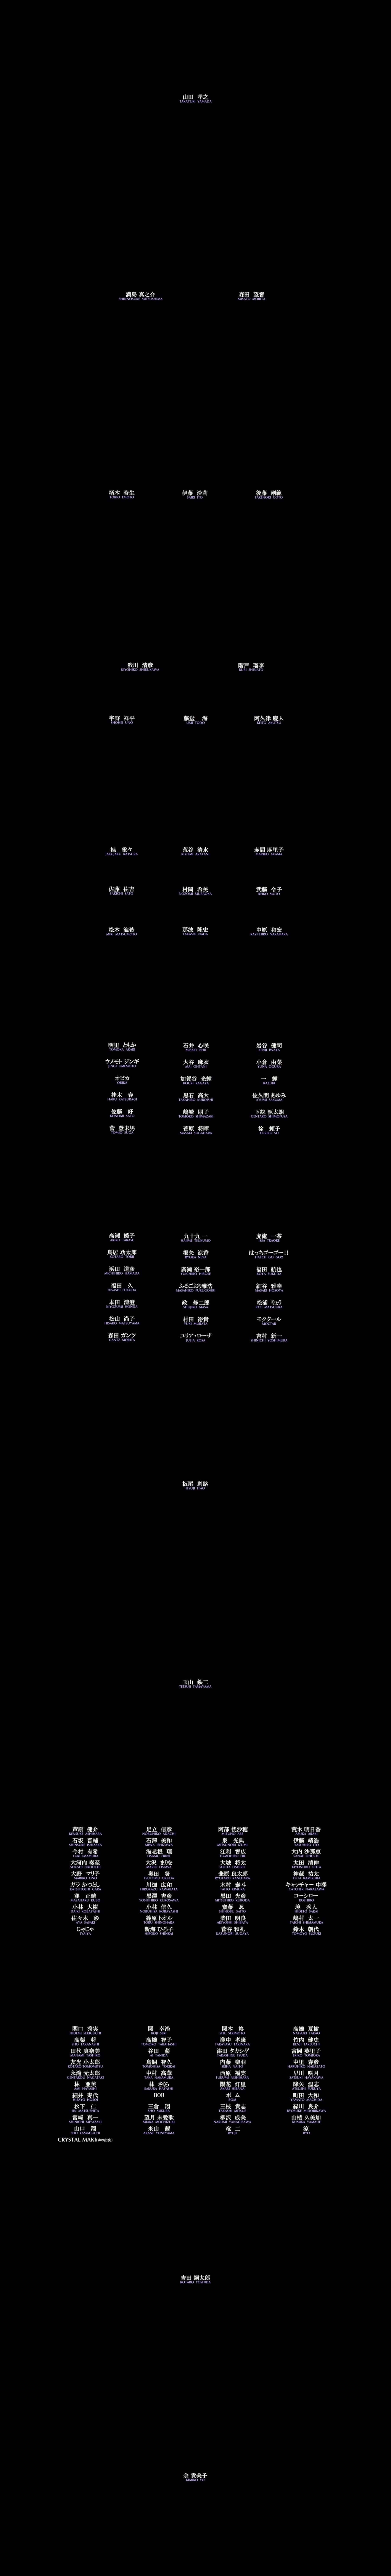 全裸監督1話0